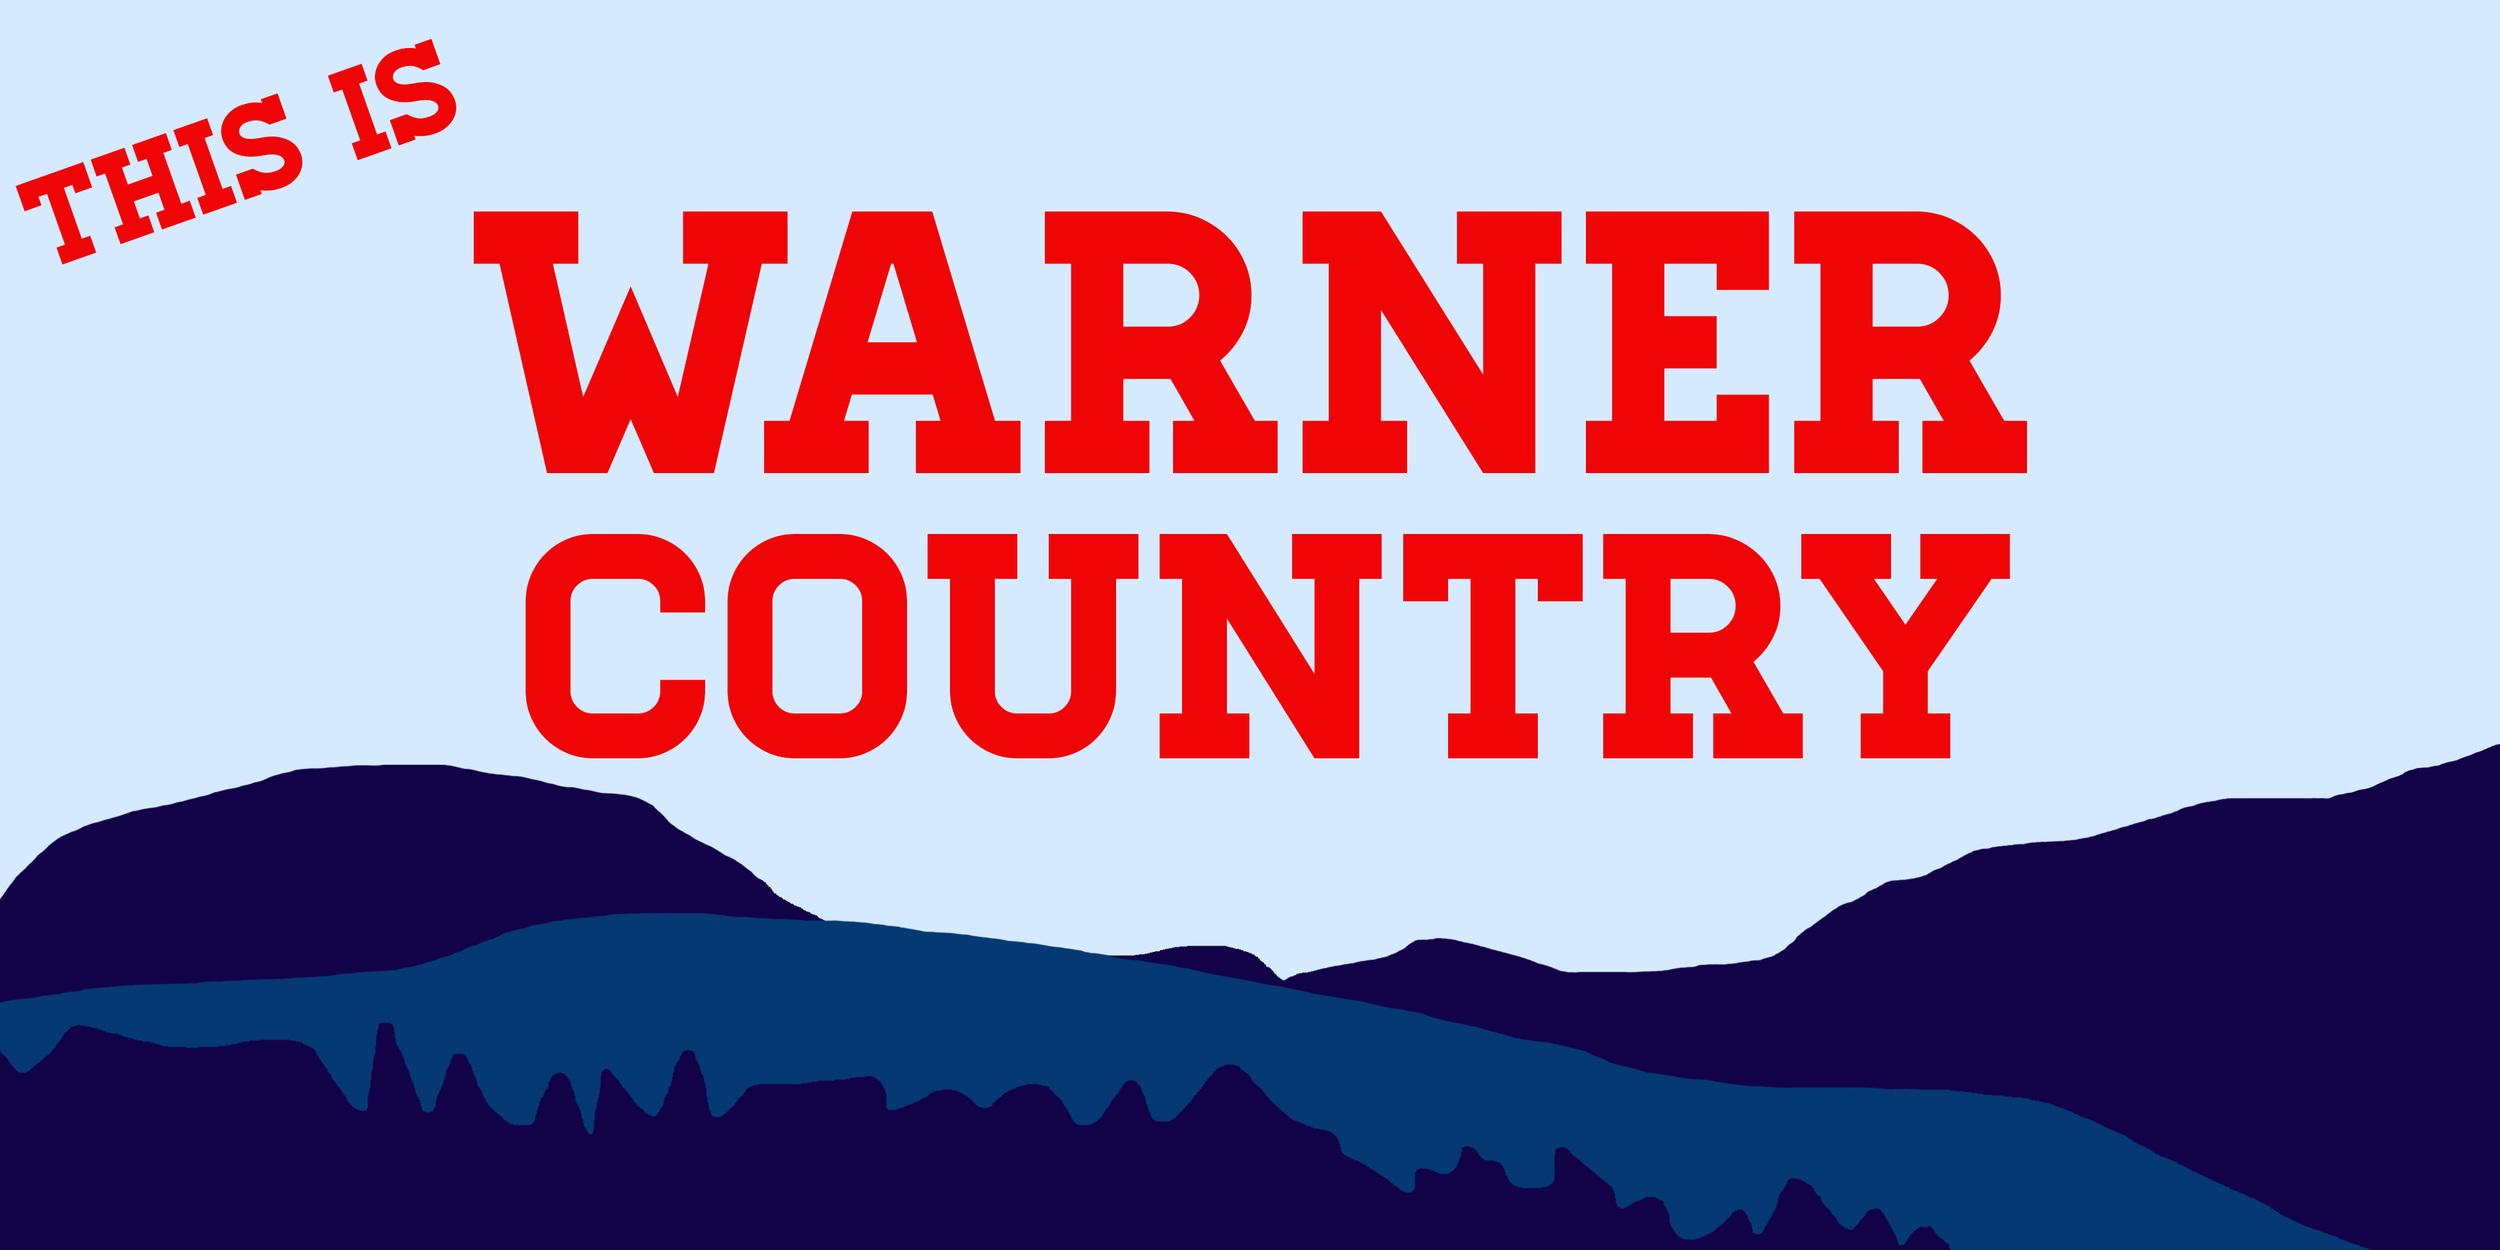 warner_country.jpg